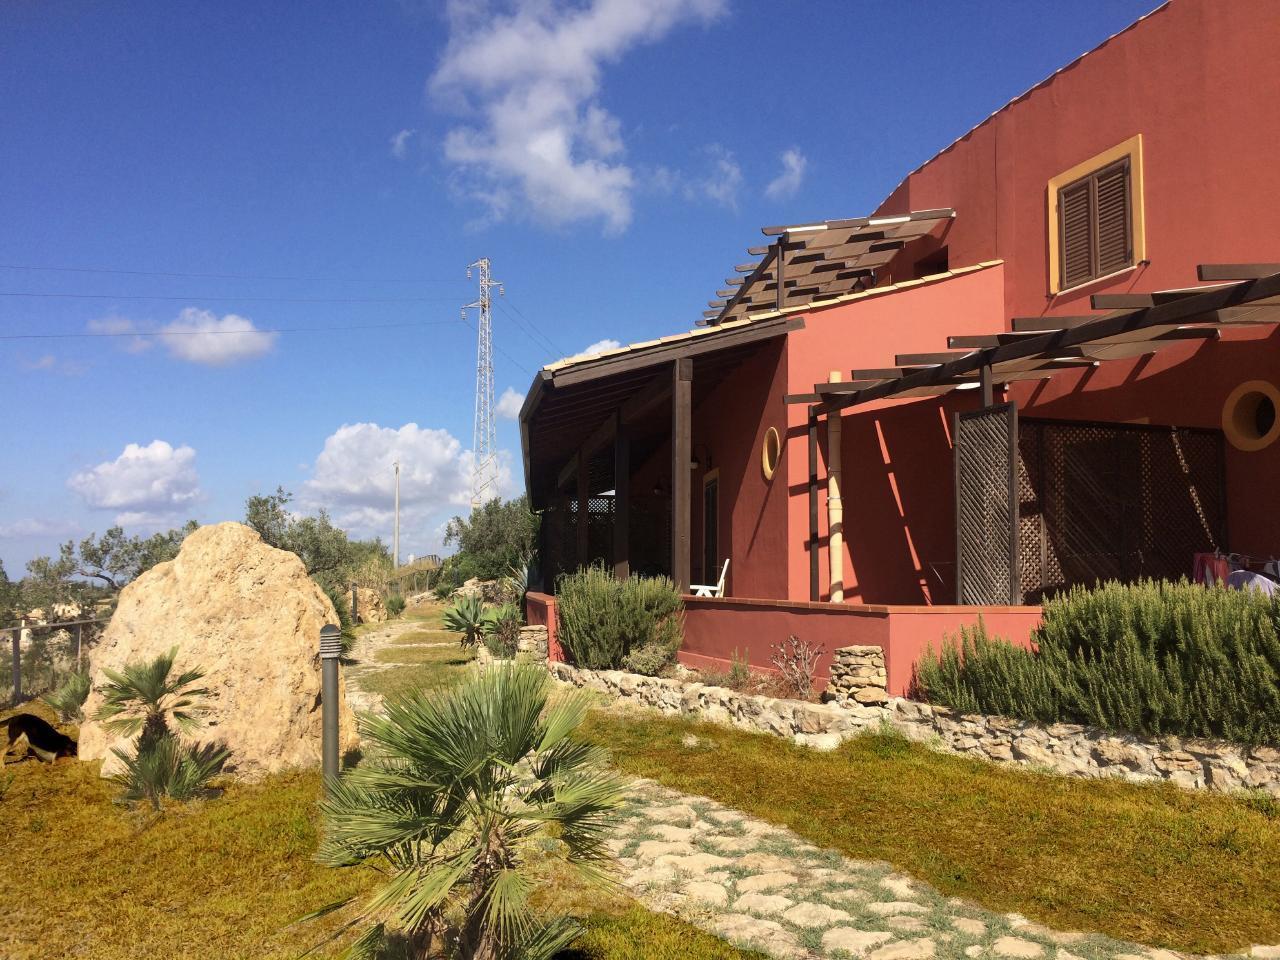 Ferienhaus Ferienwohnungen (405224), Sciacca, Agrigento, Sizilien, Italien, Bild 20